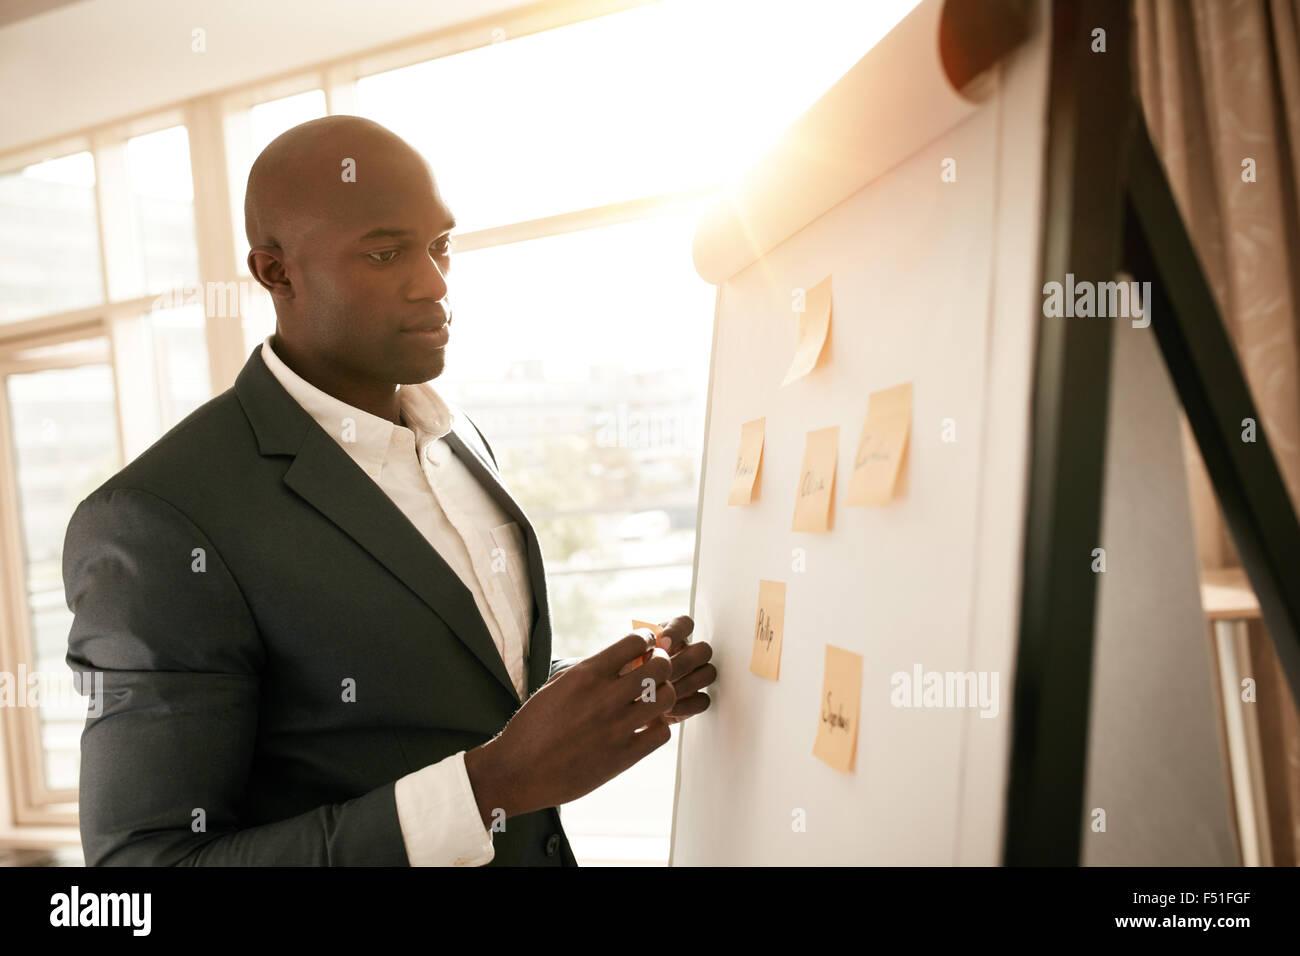 Portrait de l'Afrique par un tableau blanc avec des notes autocollantes. Jeune Chef d'entreprise présentant Photo Stock